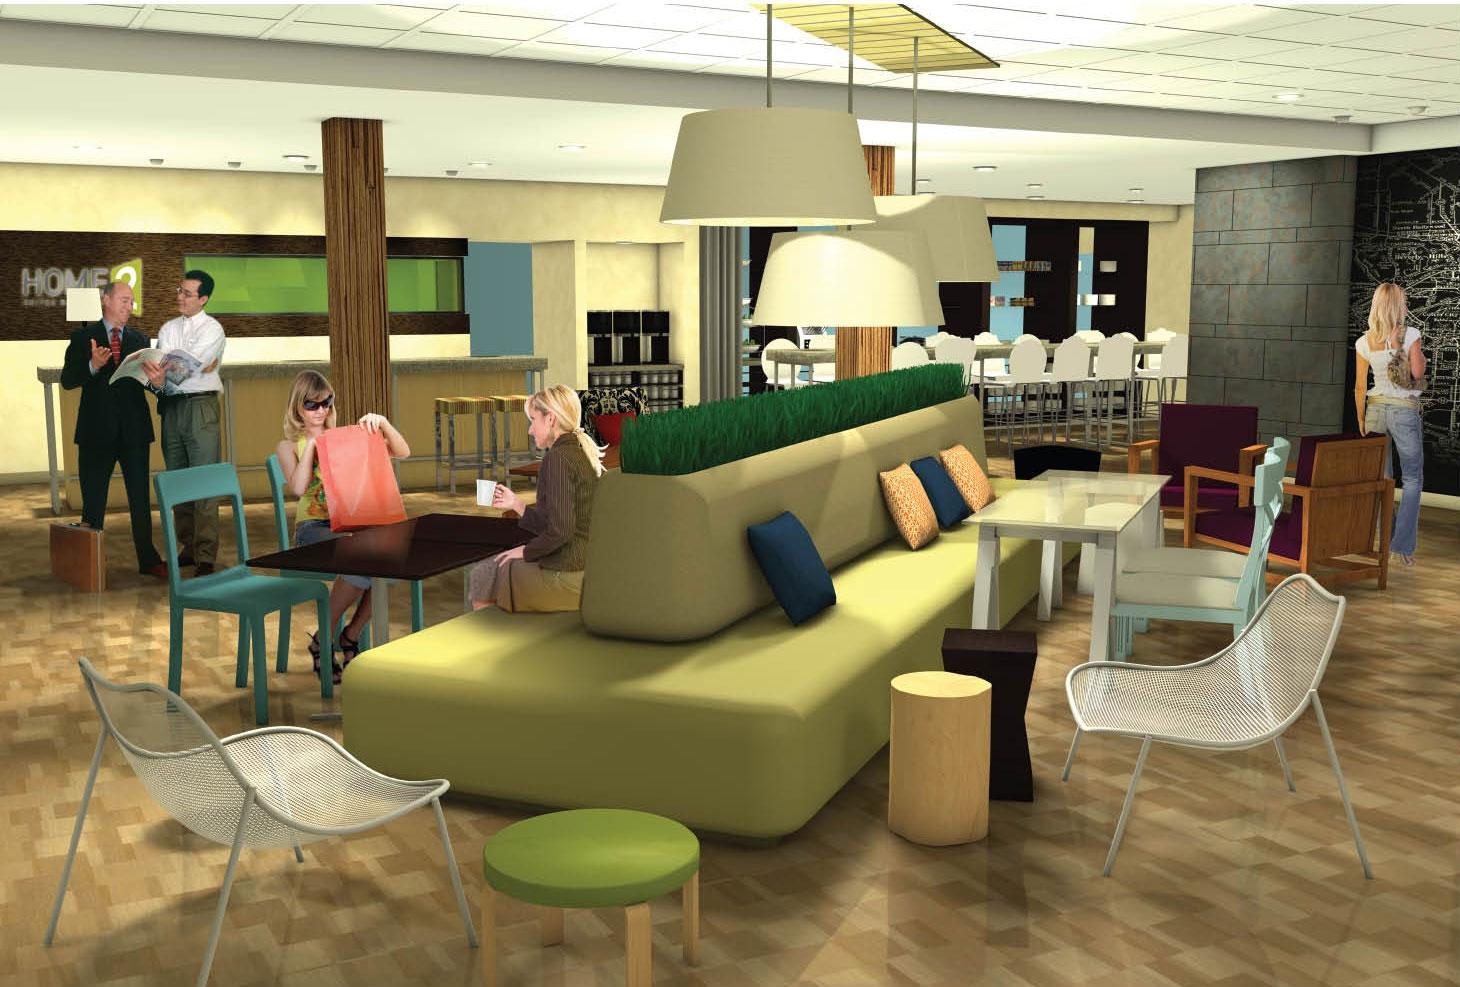 Home2 Suites By Hilton  U2013 Hospitality Net